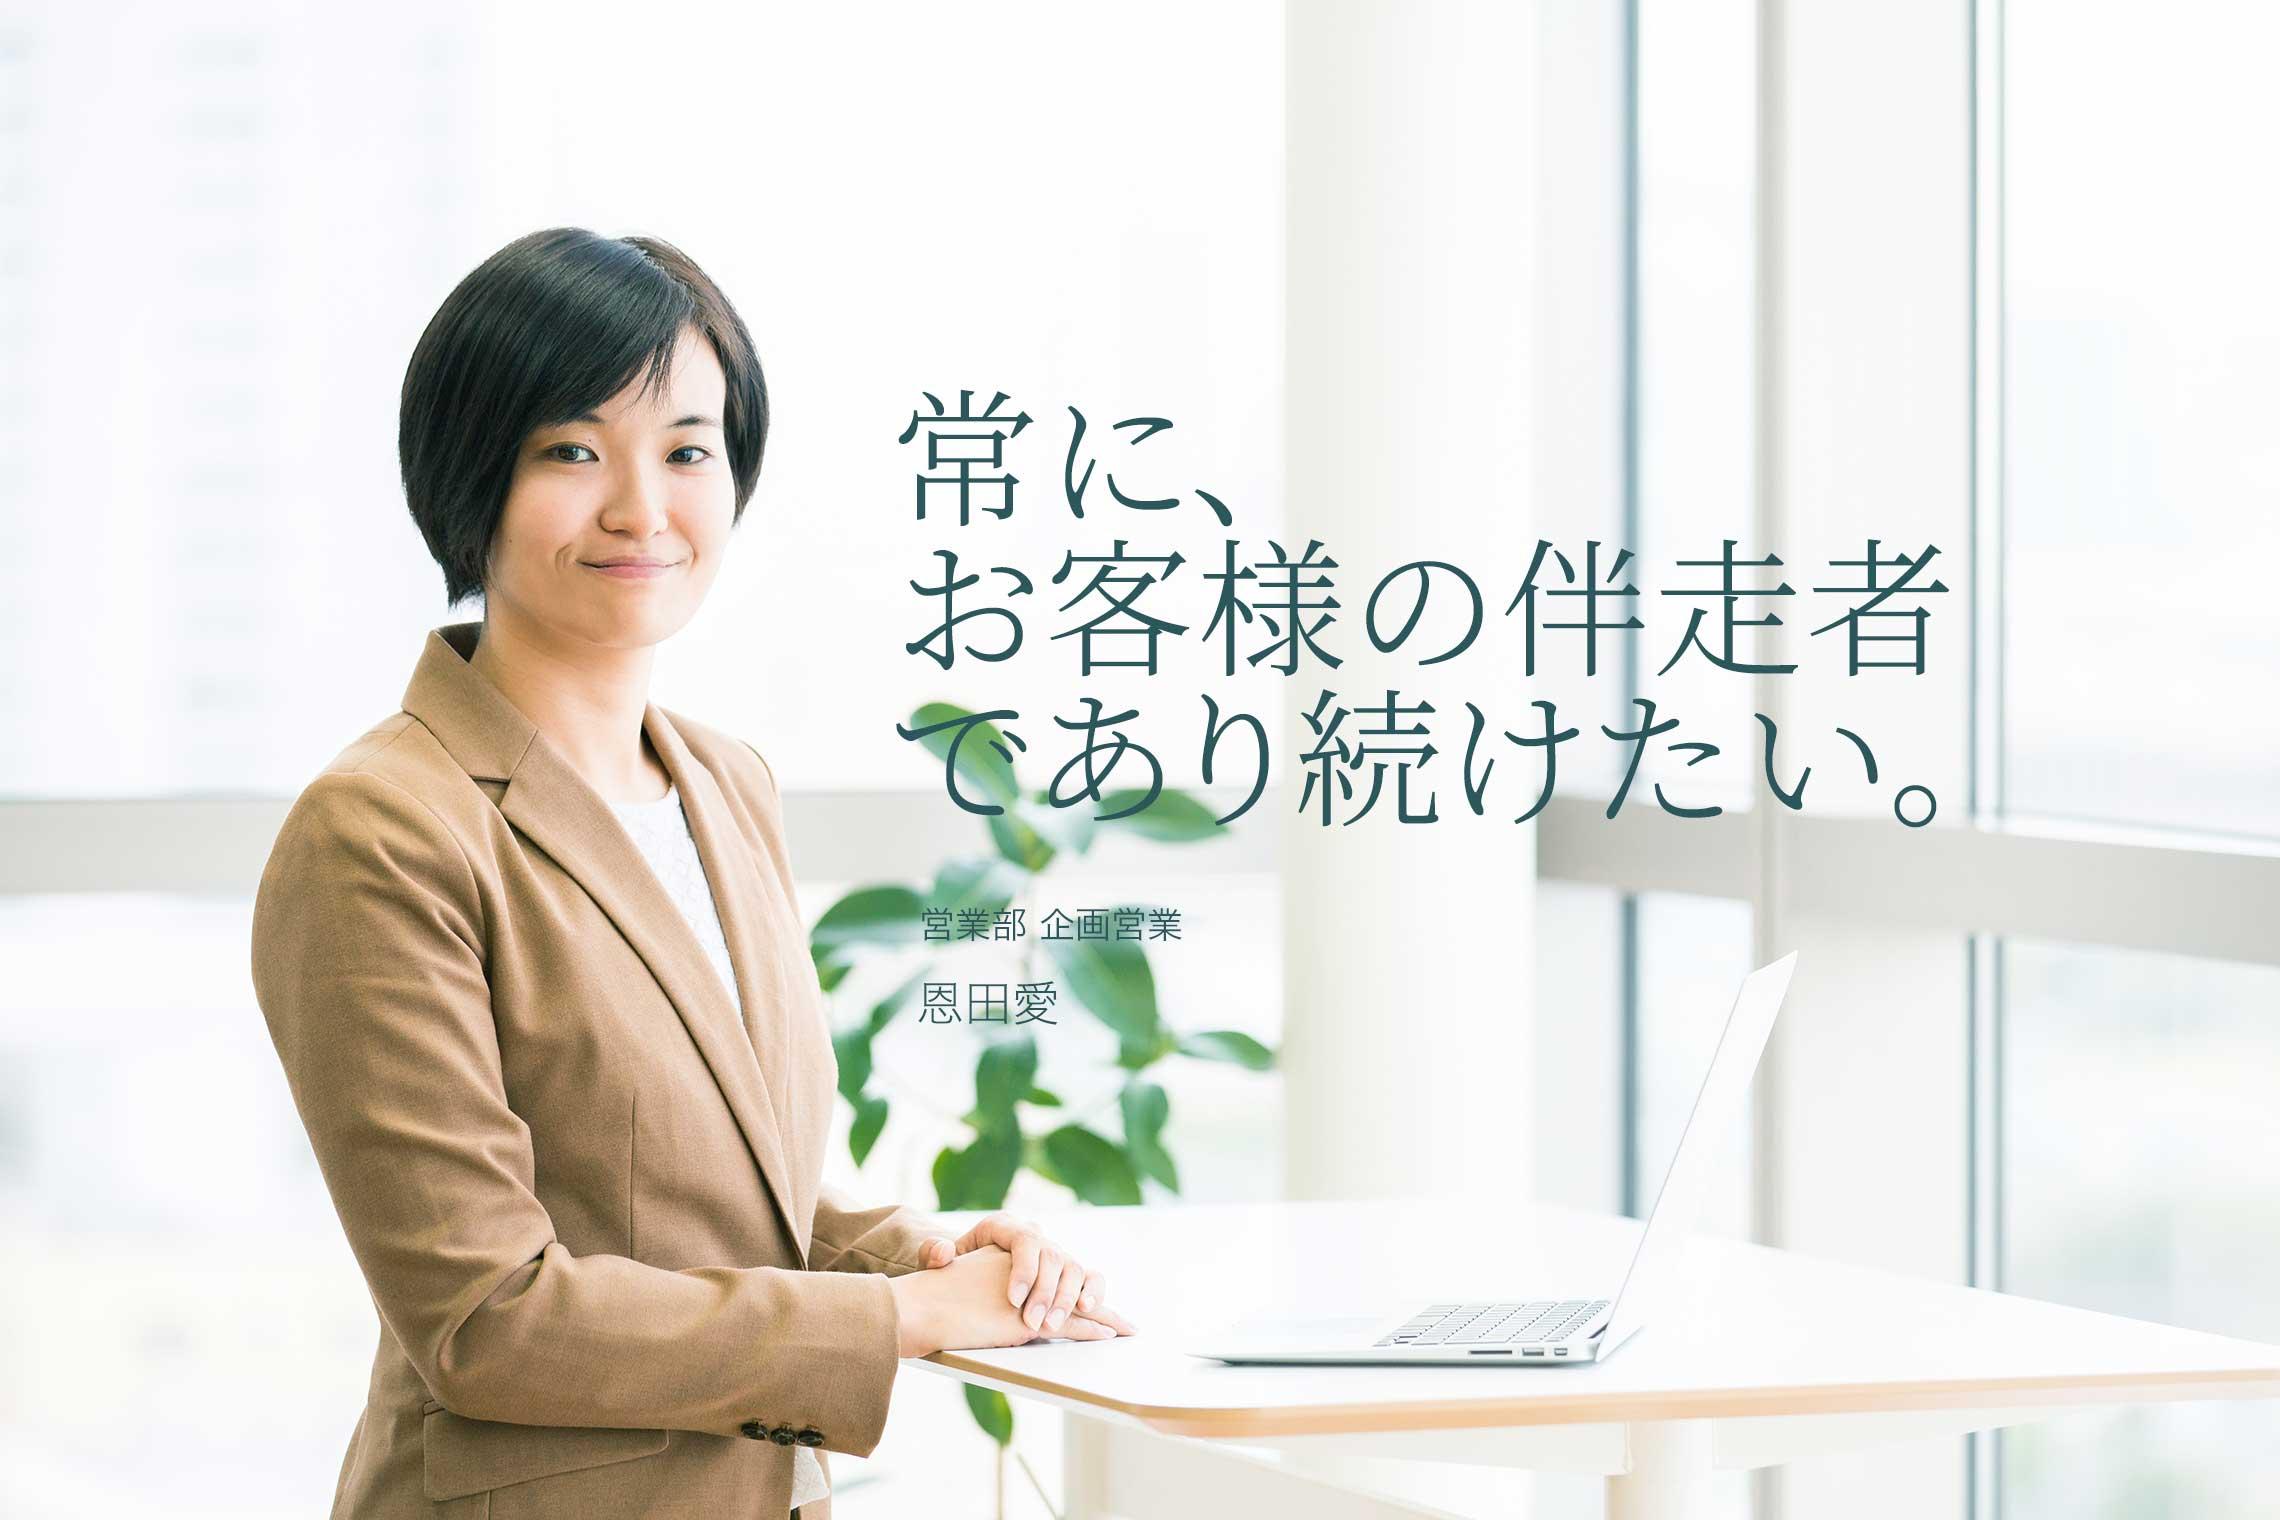 常に、お客様の伴走者であり続けたい 営業部 企画営業  恩田愛